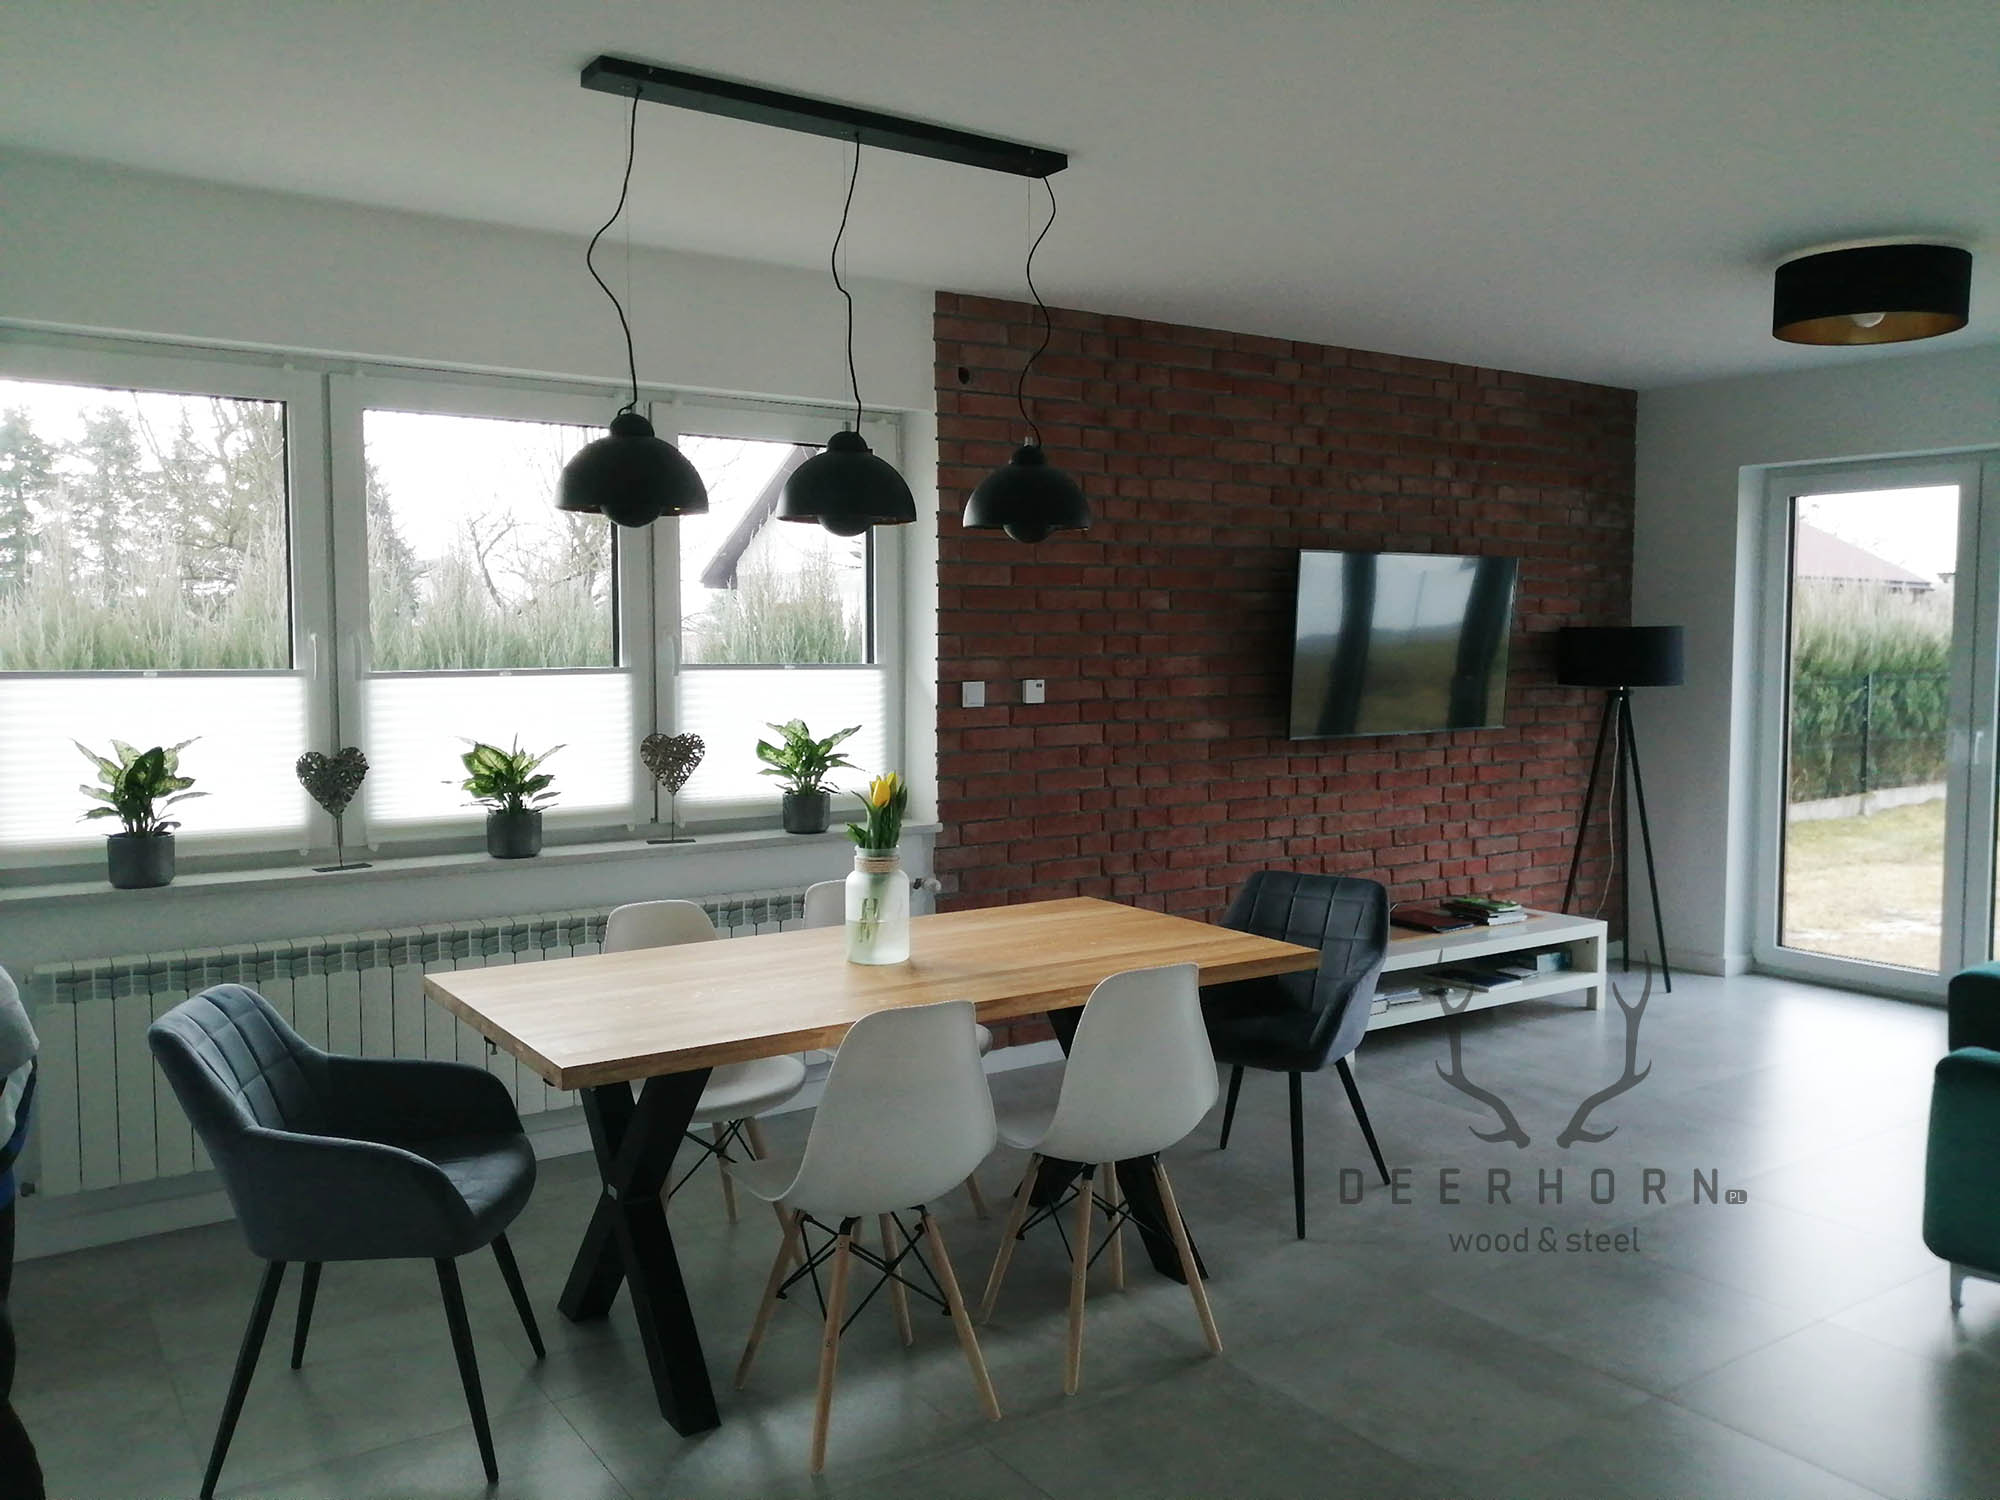 nowoczesny stół z drewnianym blatem